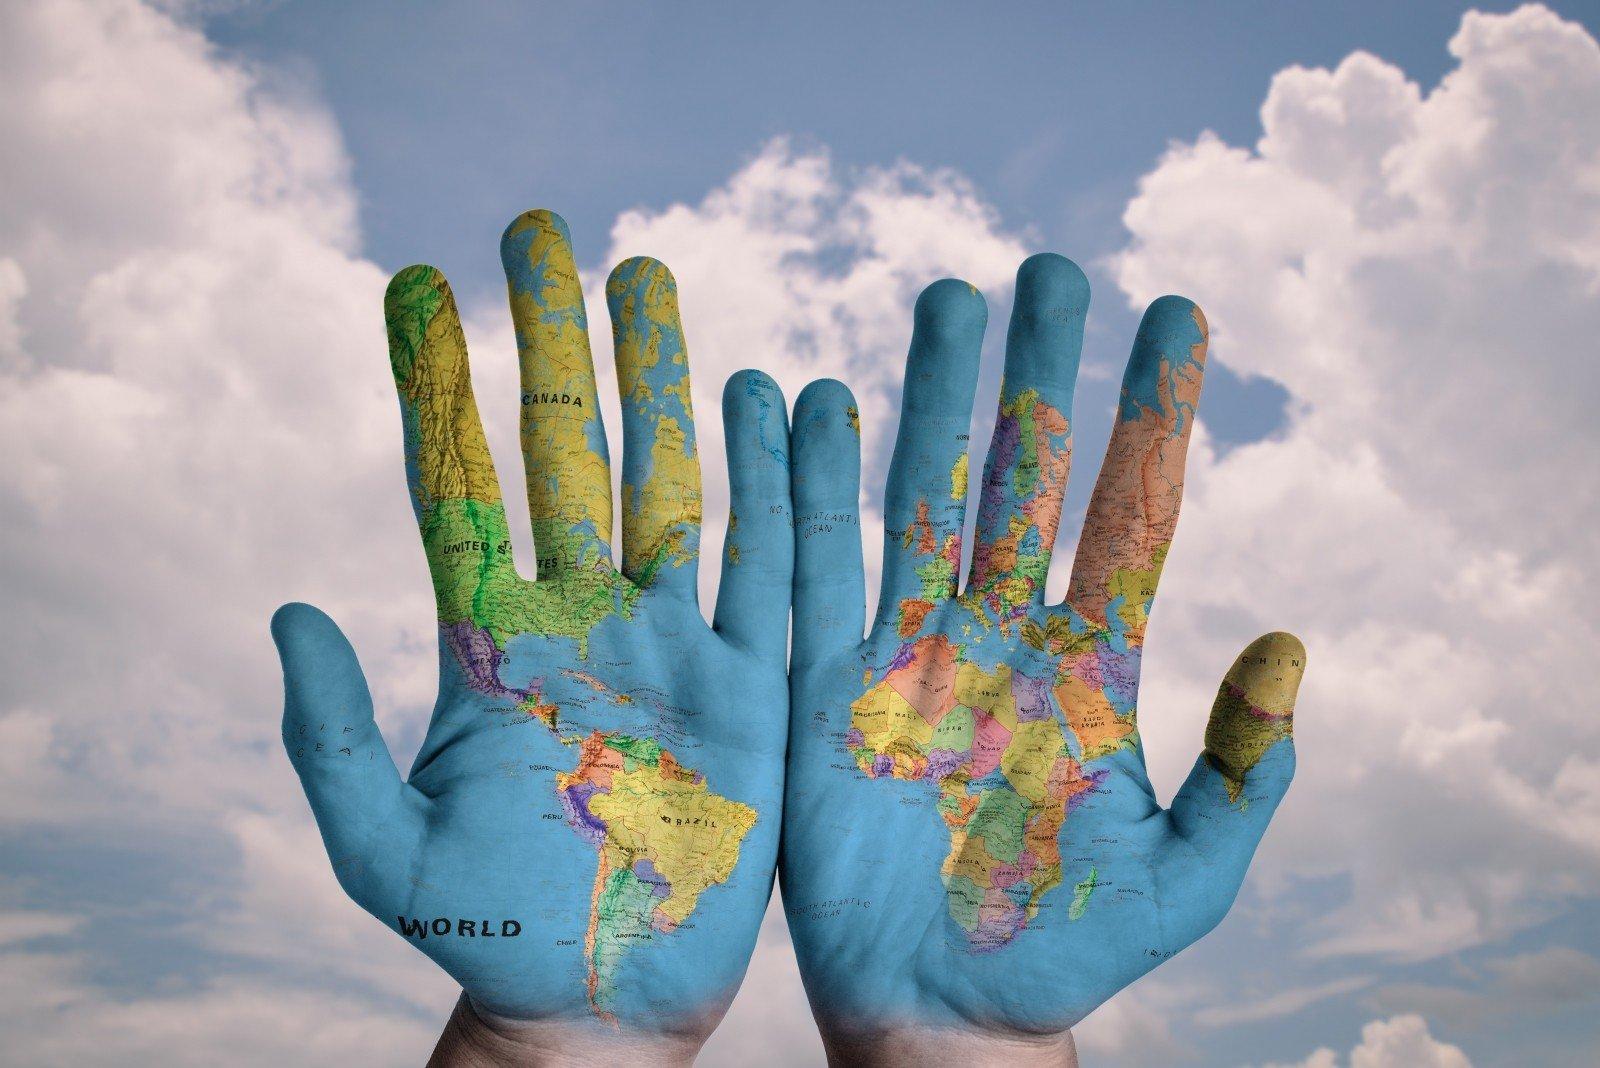 peinture de la map monde sur les deux mains d'une personne